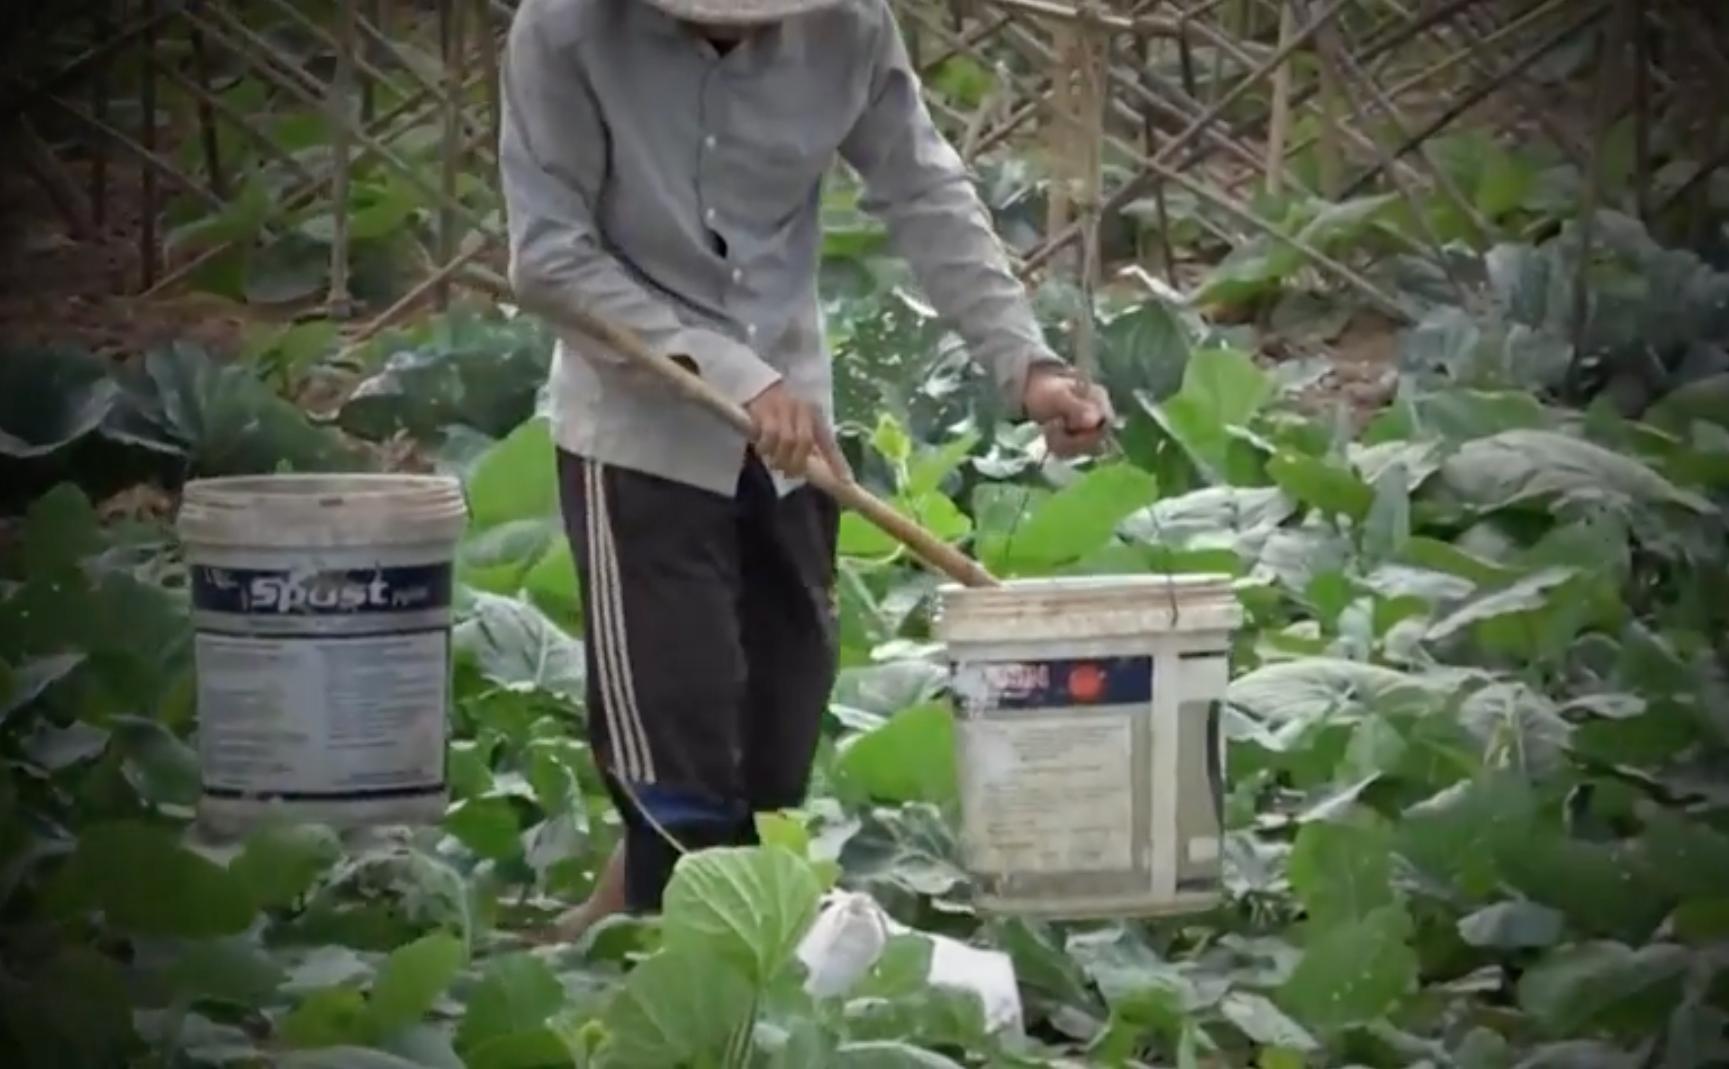 Hình ảnh Phóng sự của ANTV: Kinh hoàng rau sạch tưới nước thải độc hại tại Hà Nội số 2